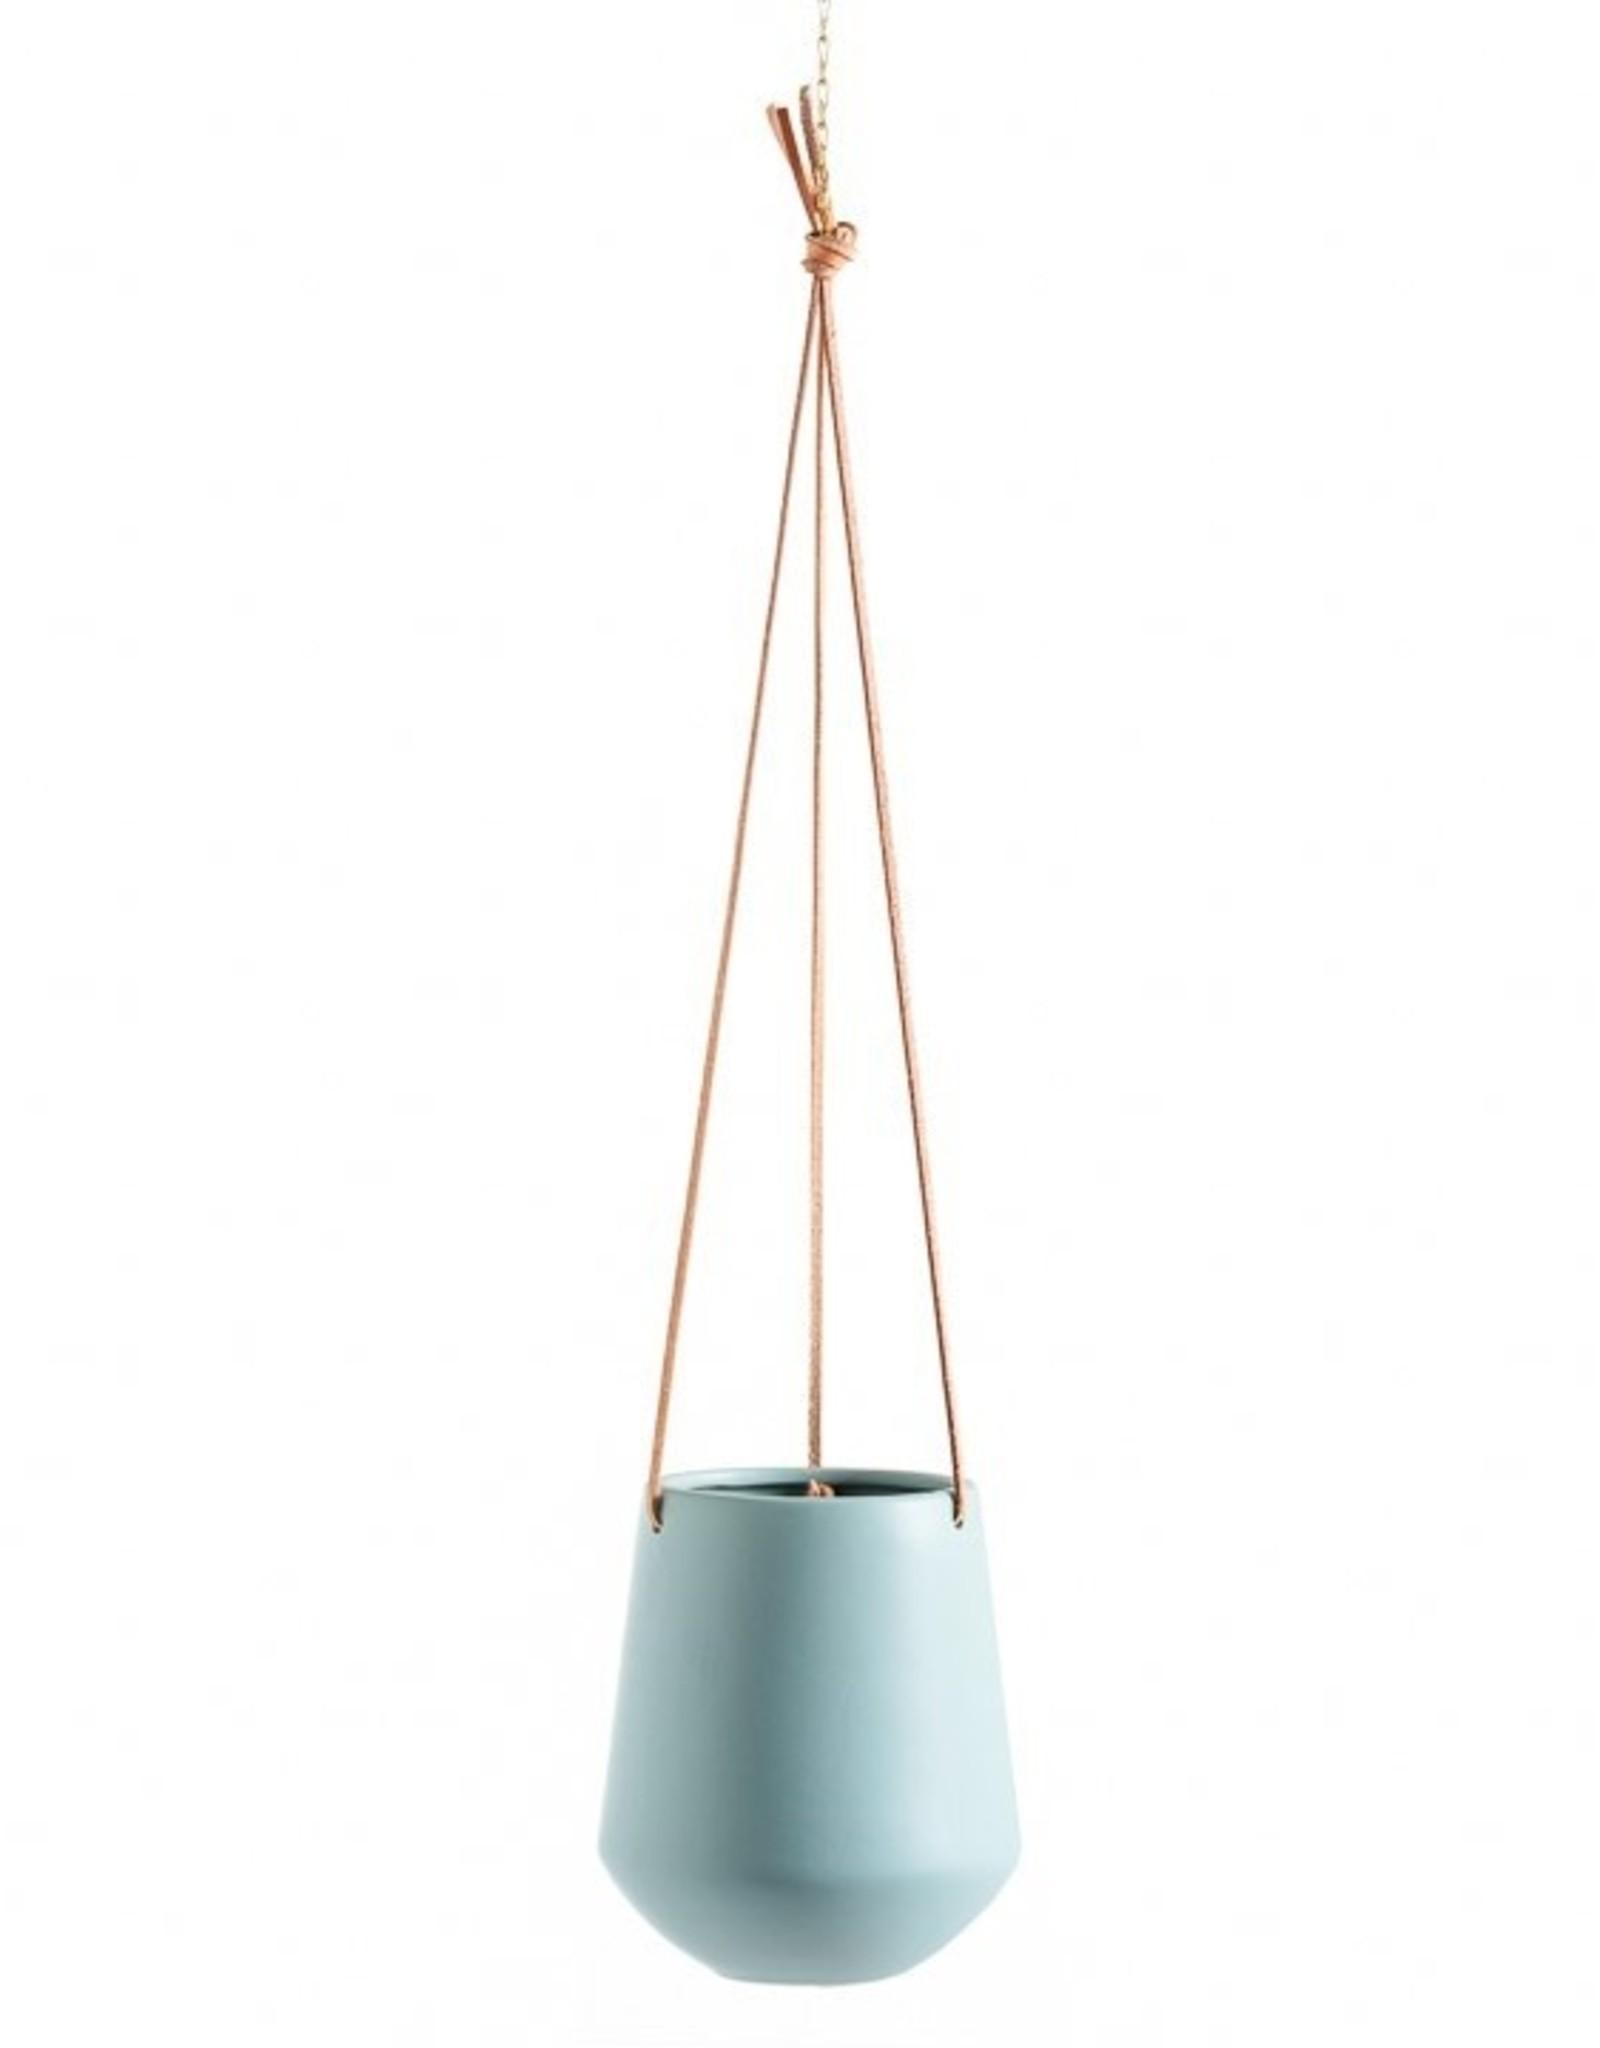 """Planter Torre & Tagus Hanging Ceramic Ashbury Teal 5.75"""" 902921B"""